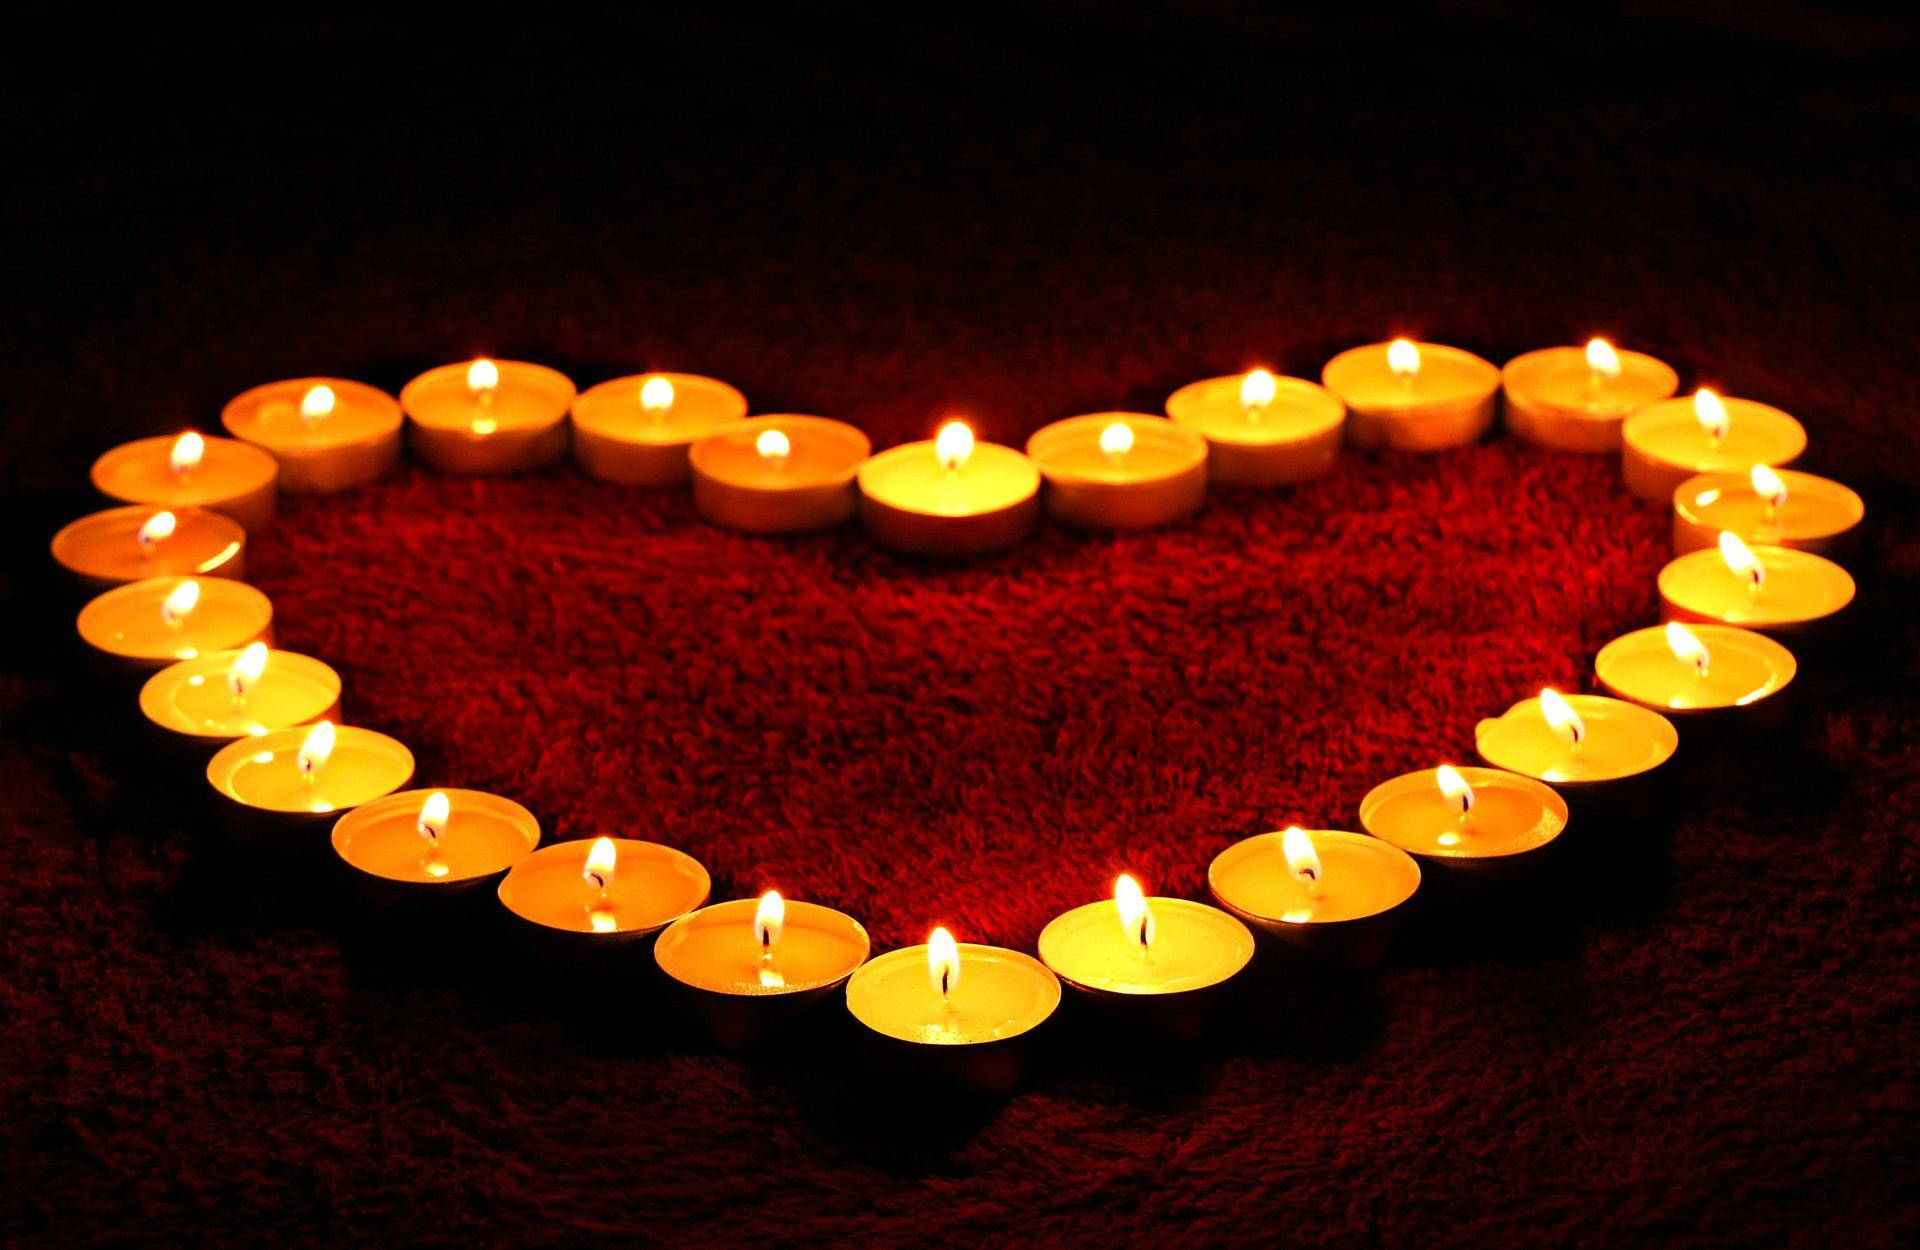 عکس زمینه شمع های روشن به شکل قلب پس زمینه